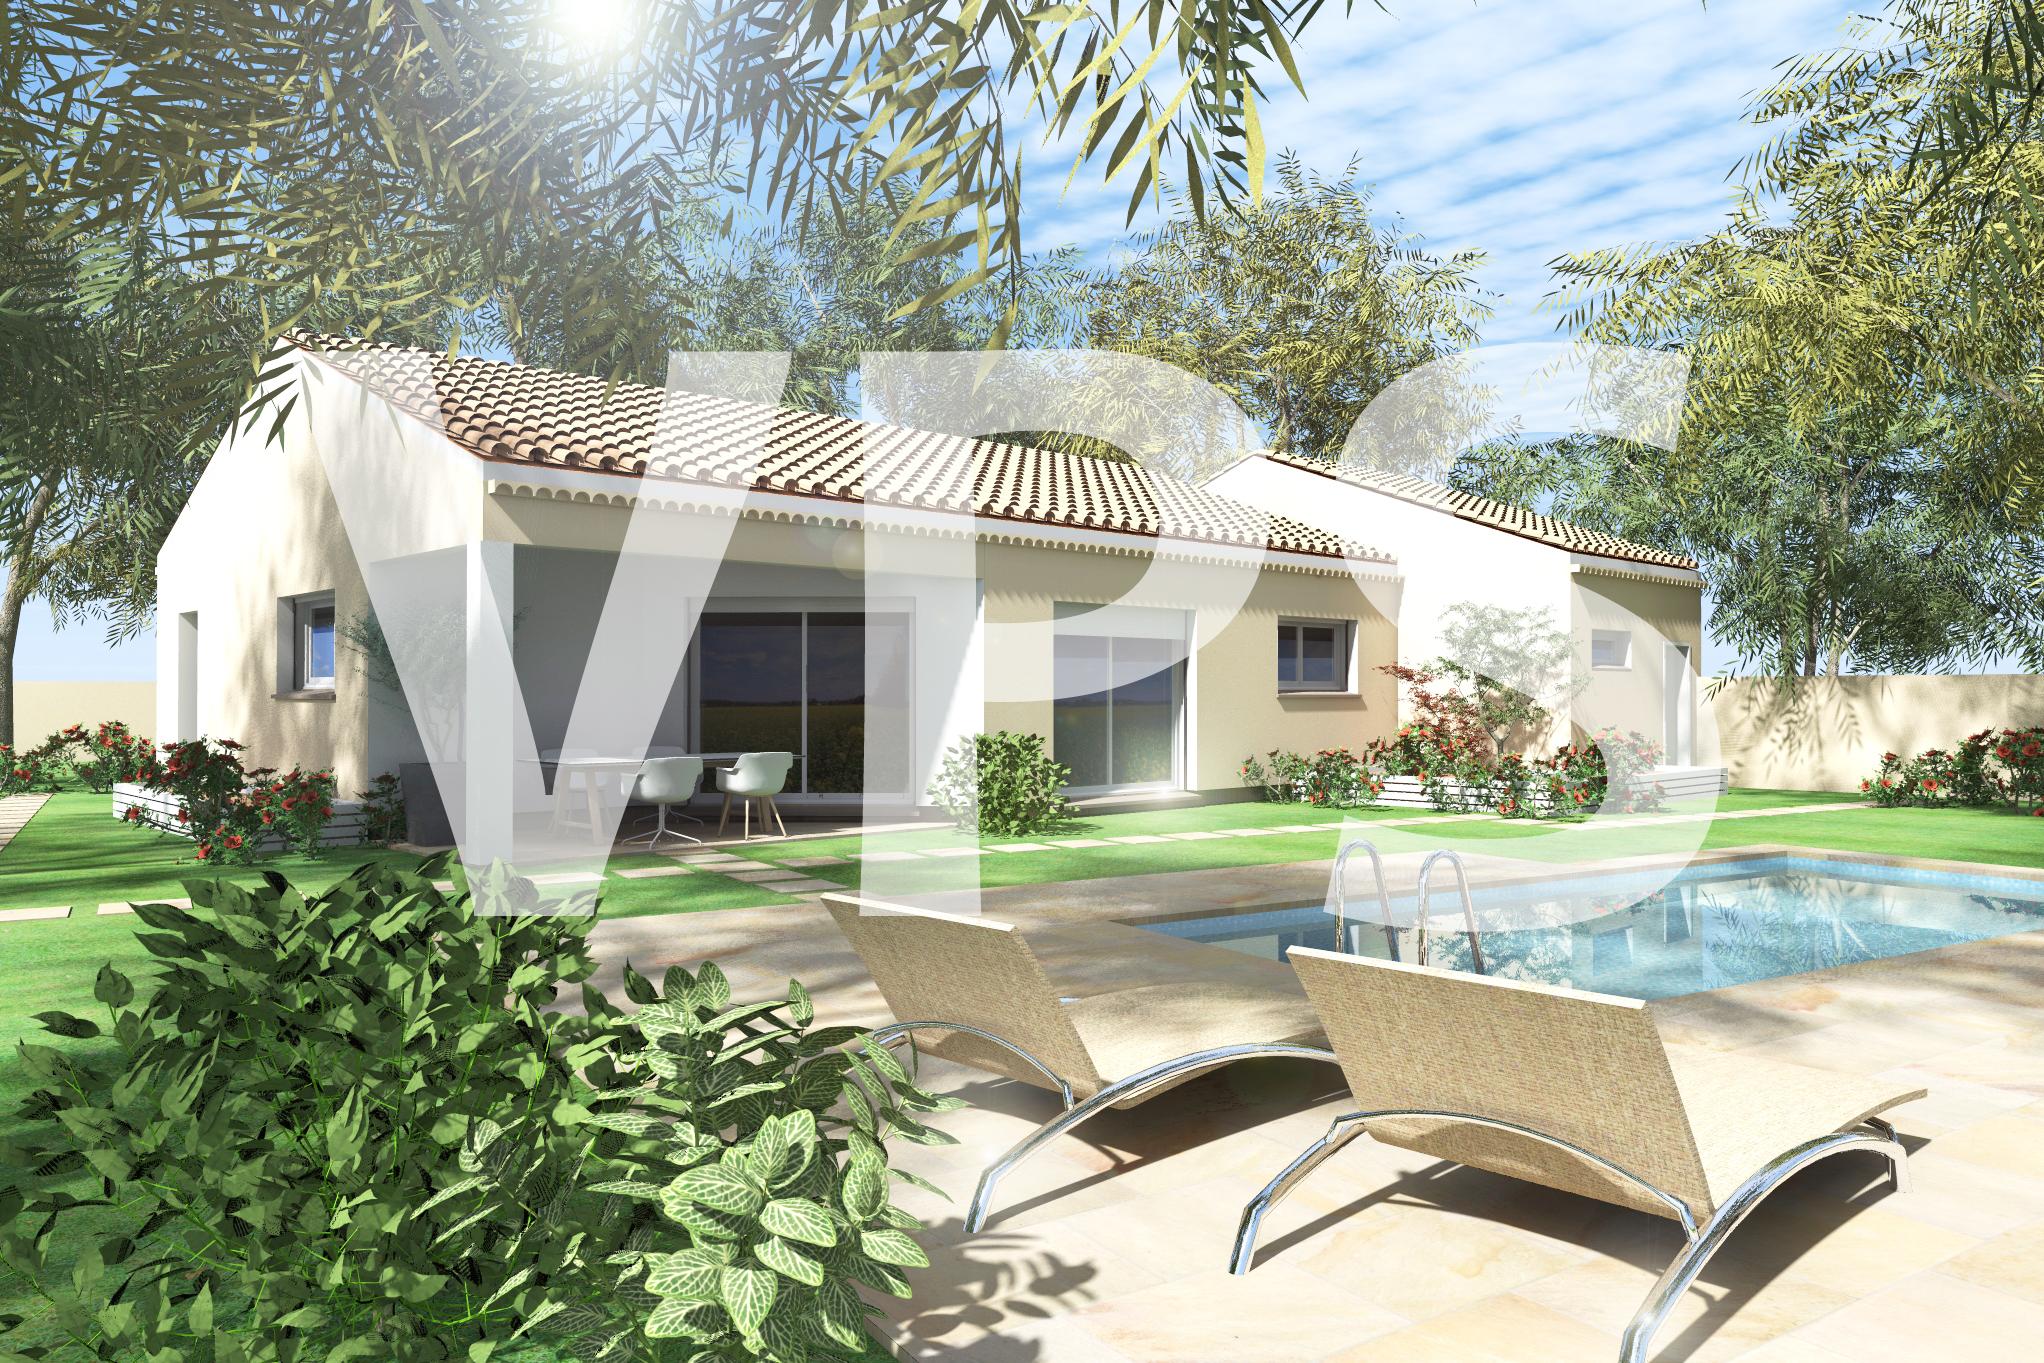 Maisons + Terrains du constructeur VILLAS PLEIN SUD -PRO RENOV26/07-D • 92 m² • ANNEYRON